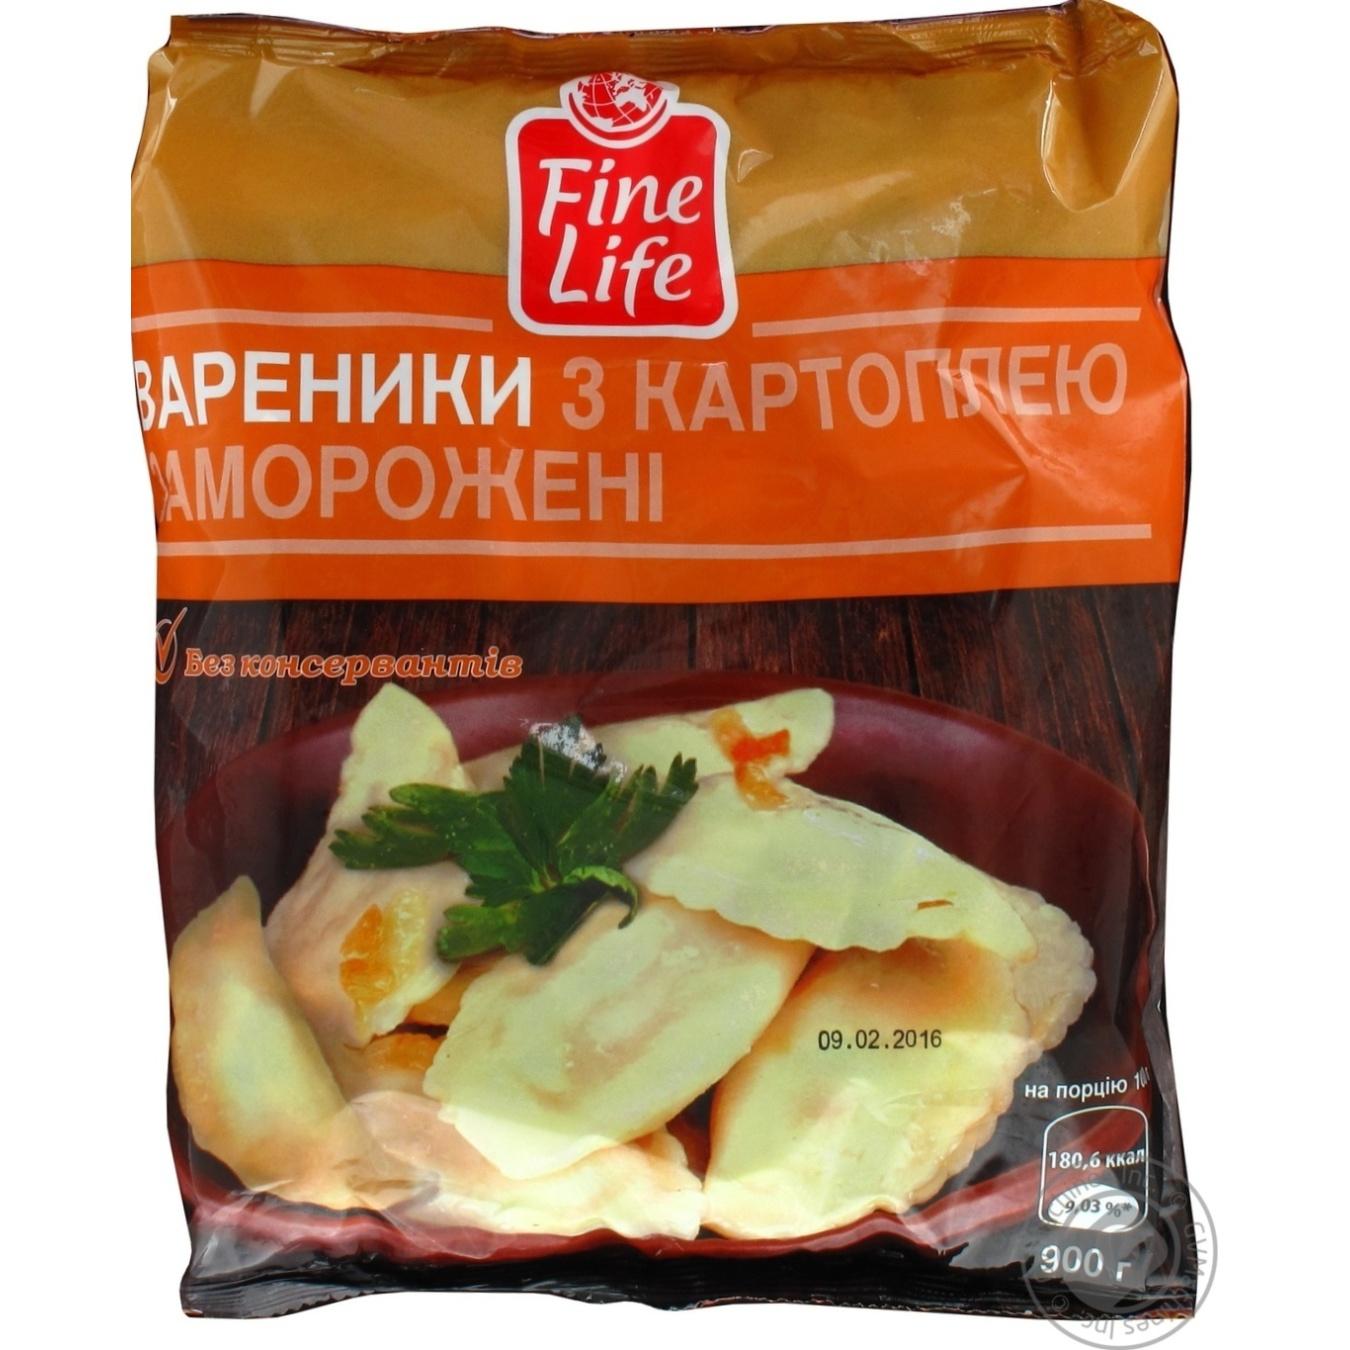 Купить Вареники Fine Life с картофелем замороженные 900г